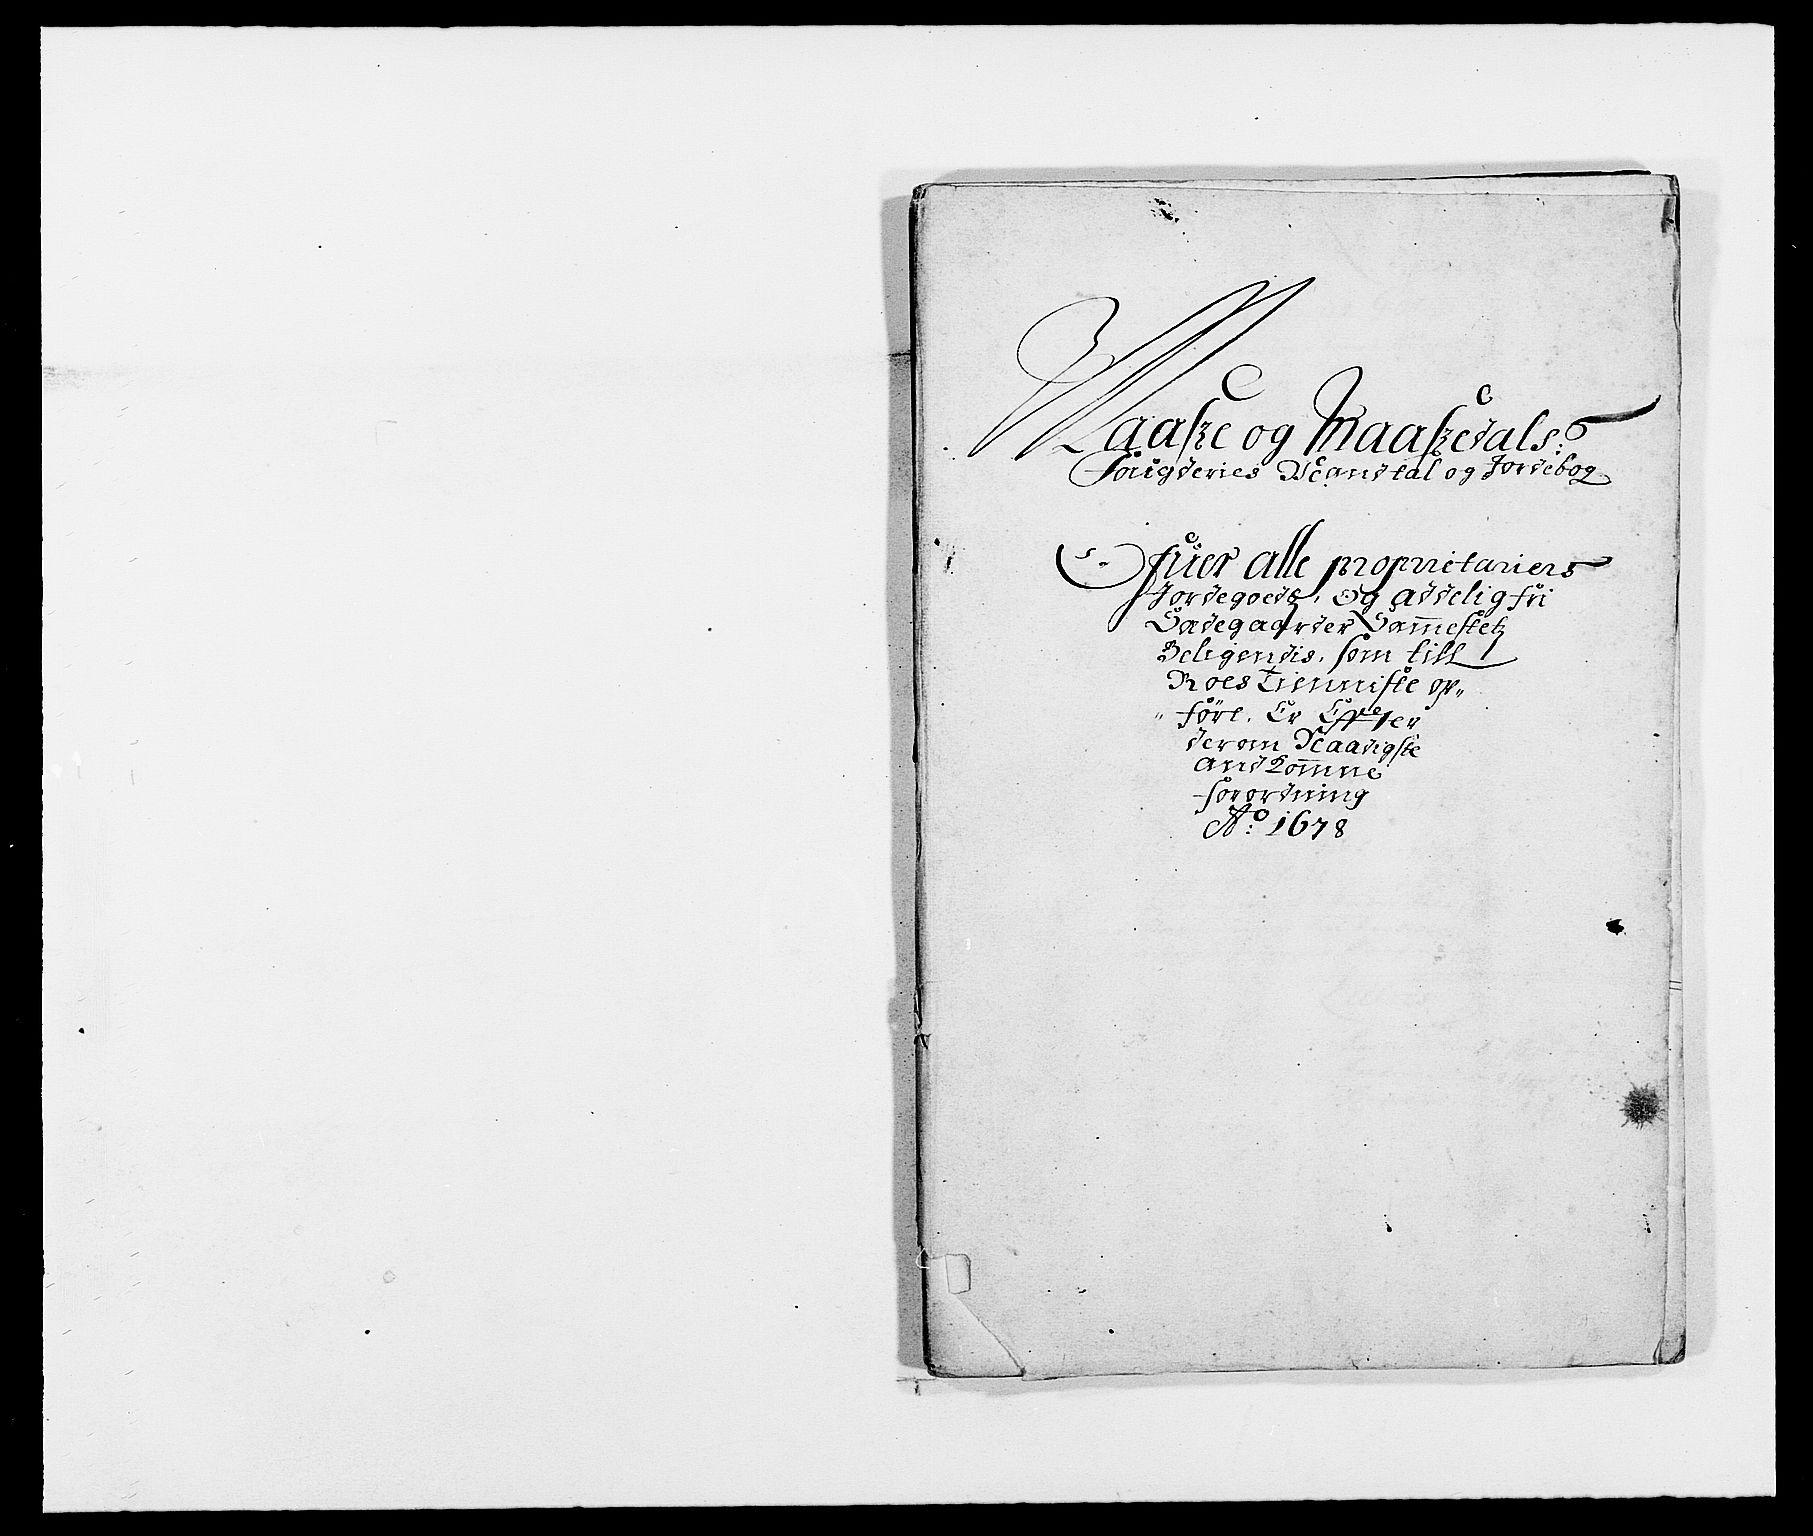 RA, Rentekammeret inntil 1814, Reviderte regnskaper, Fogderegnskap, R02/L0099: Fogderegnskap Moss og Verne kloster, 1678, s. 270